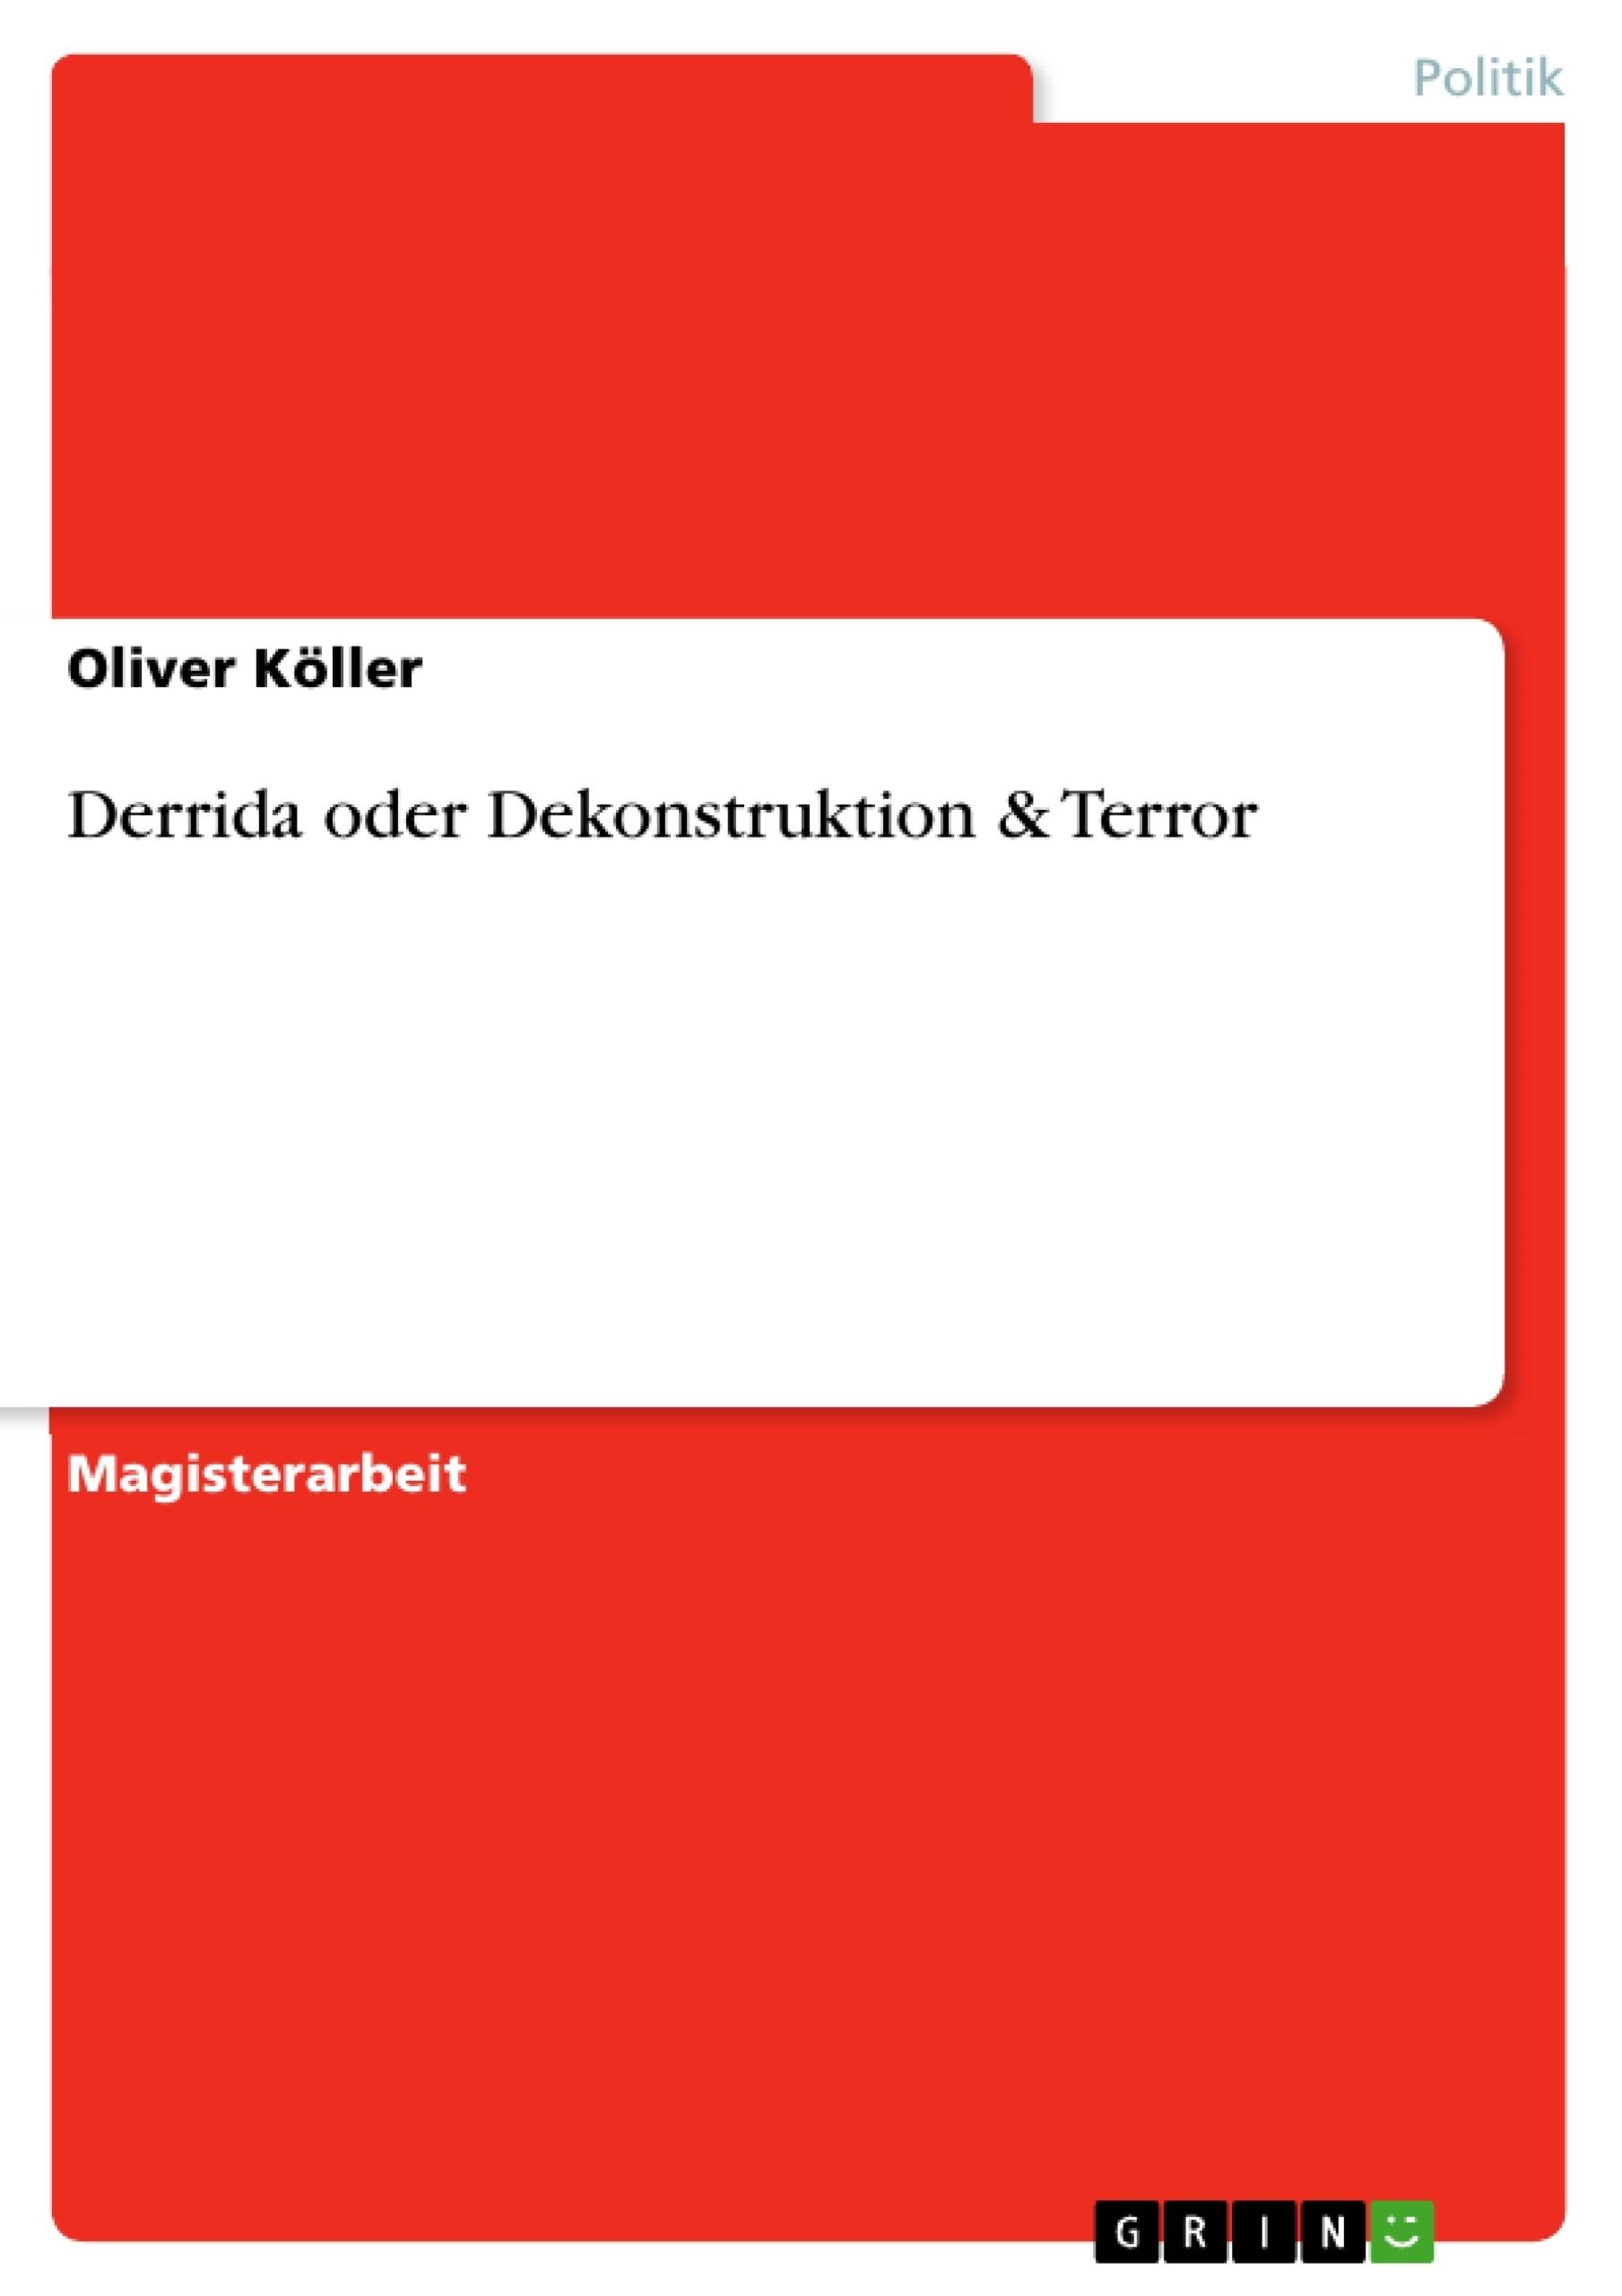 Titel: Derrida oder Dekonstruktion & Terror